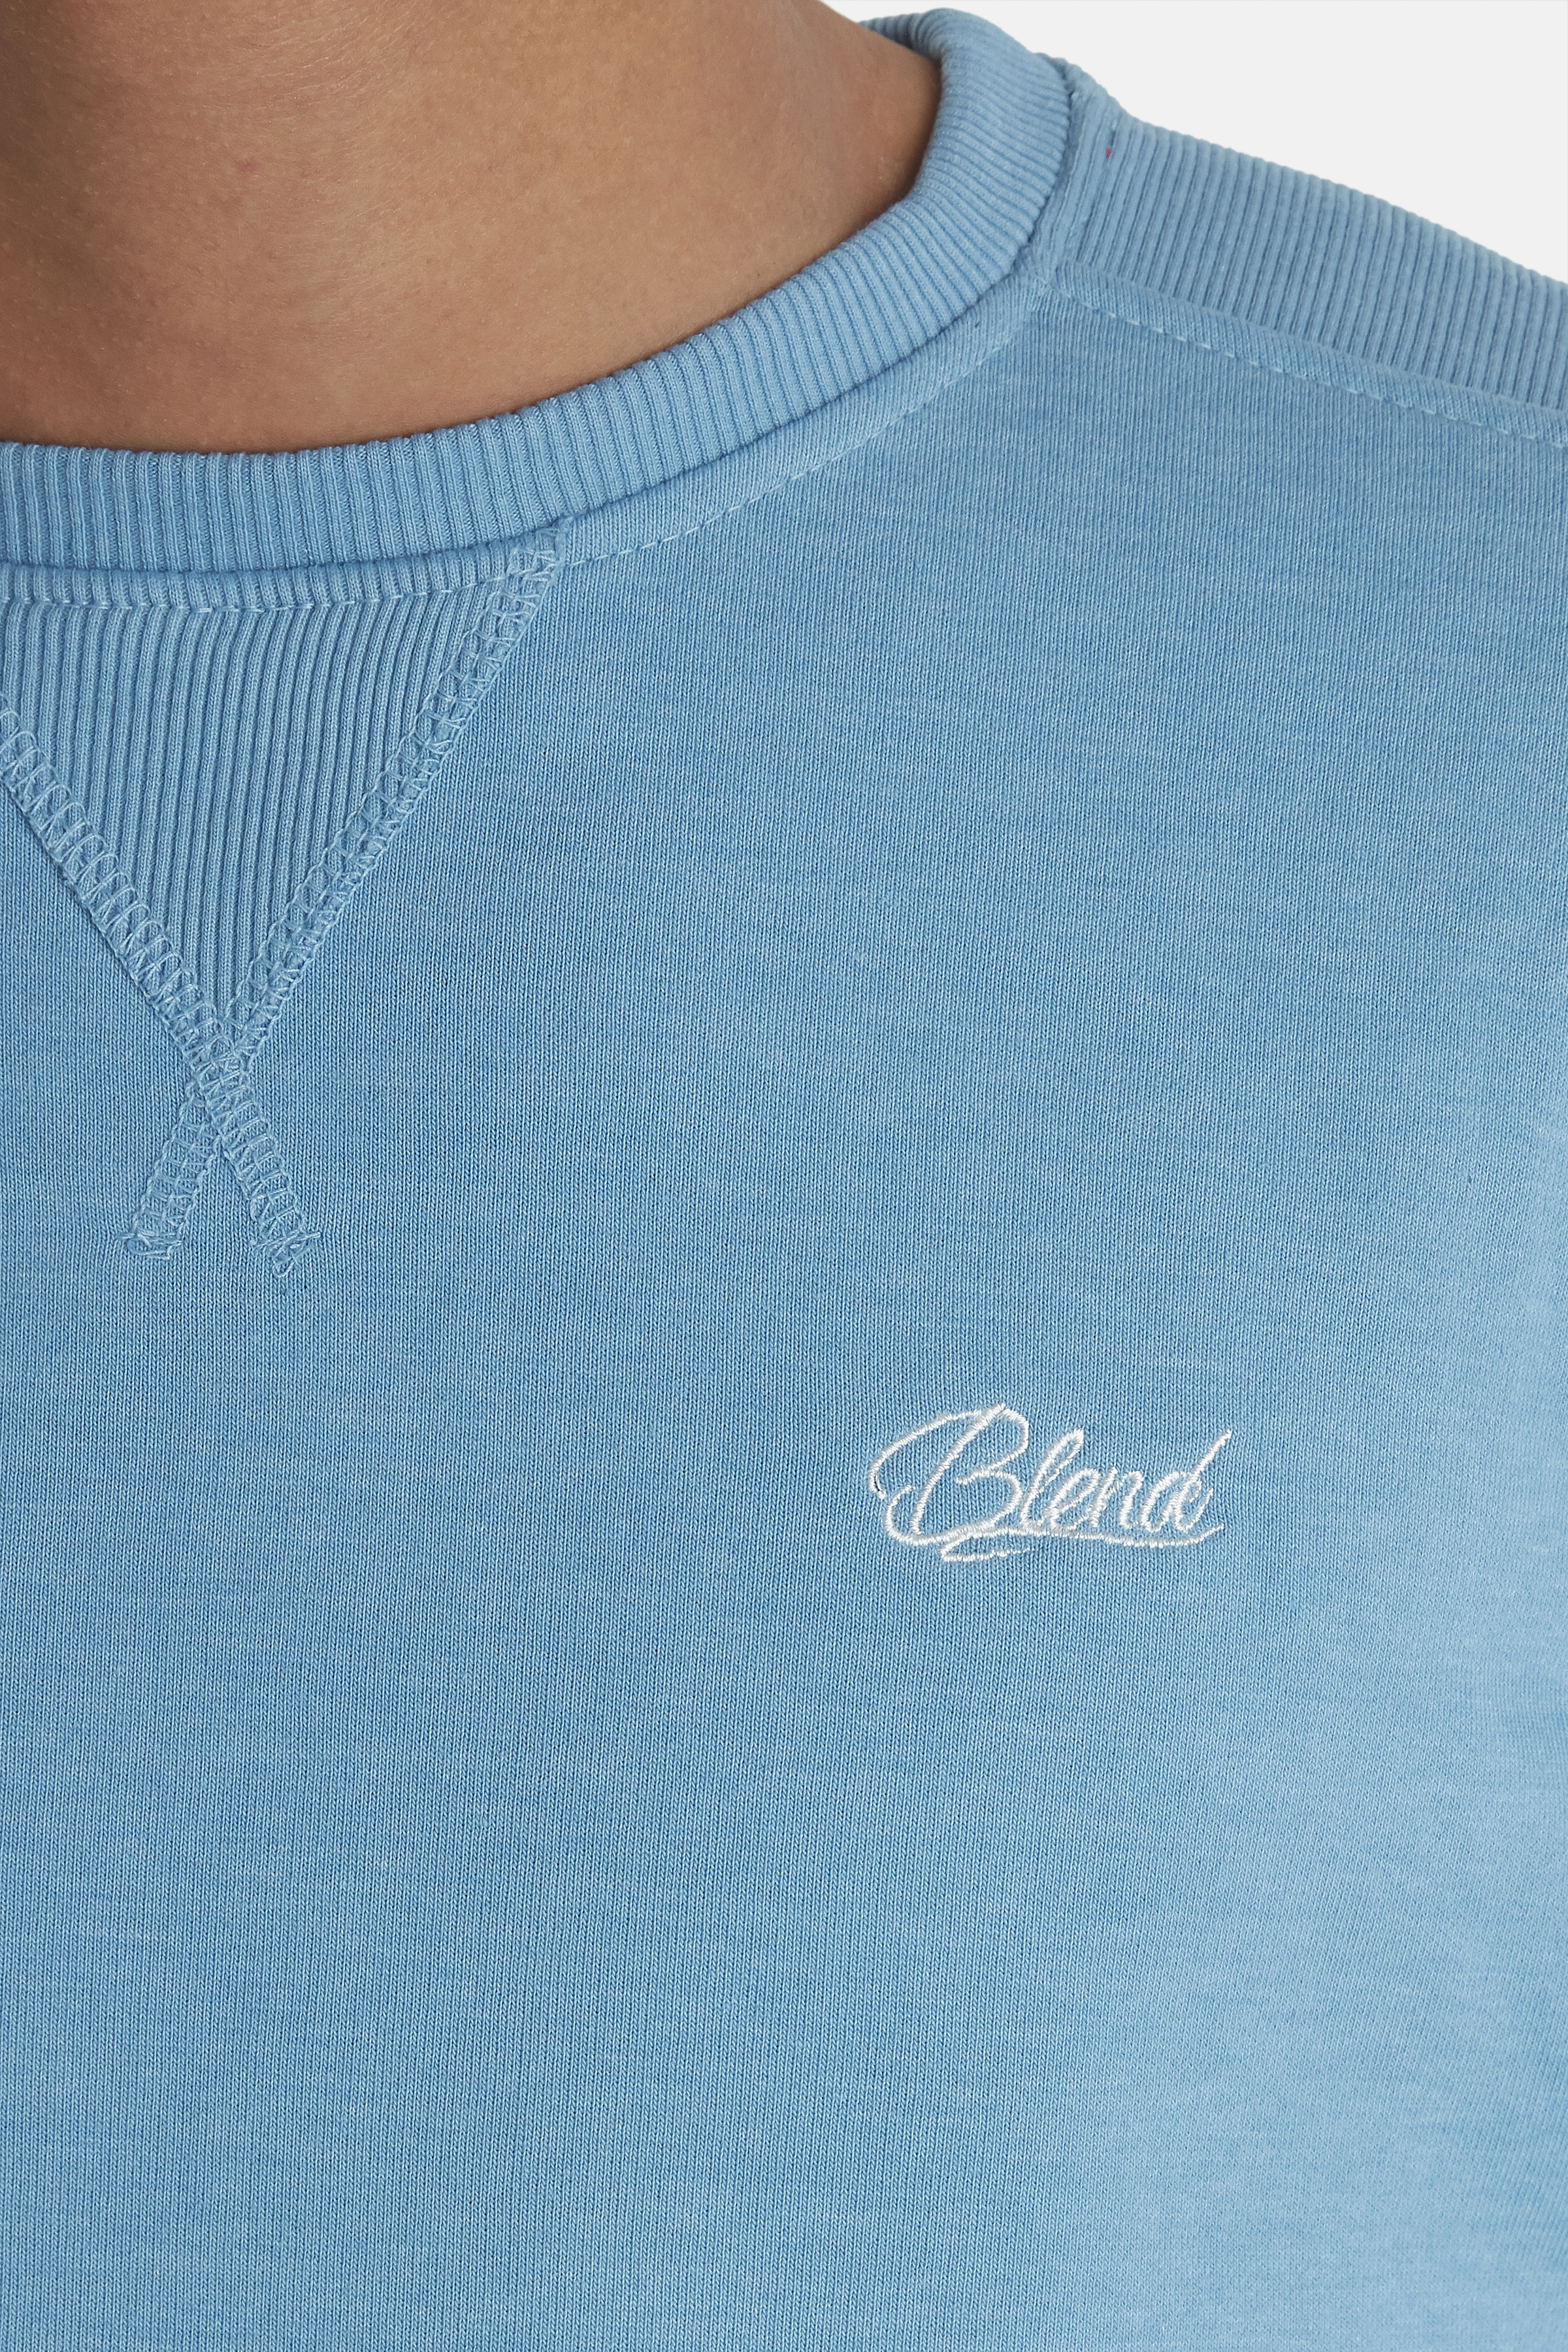 Niagara Blue Sweatshirt – Køb Niagara Blue Sweatshirt fra str. M-3XL her